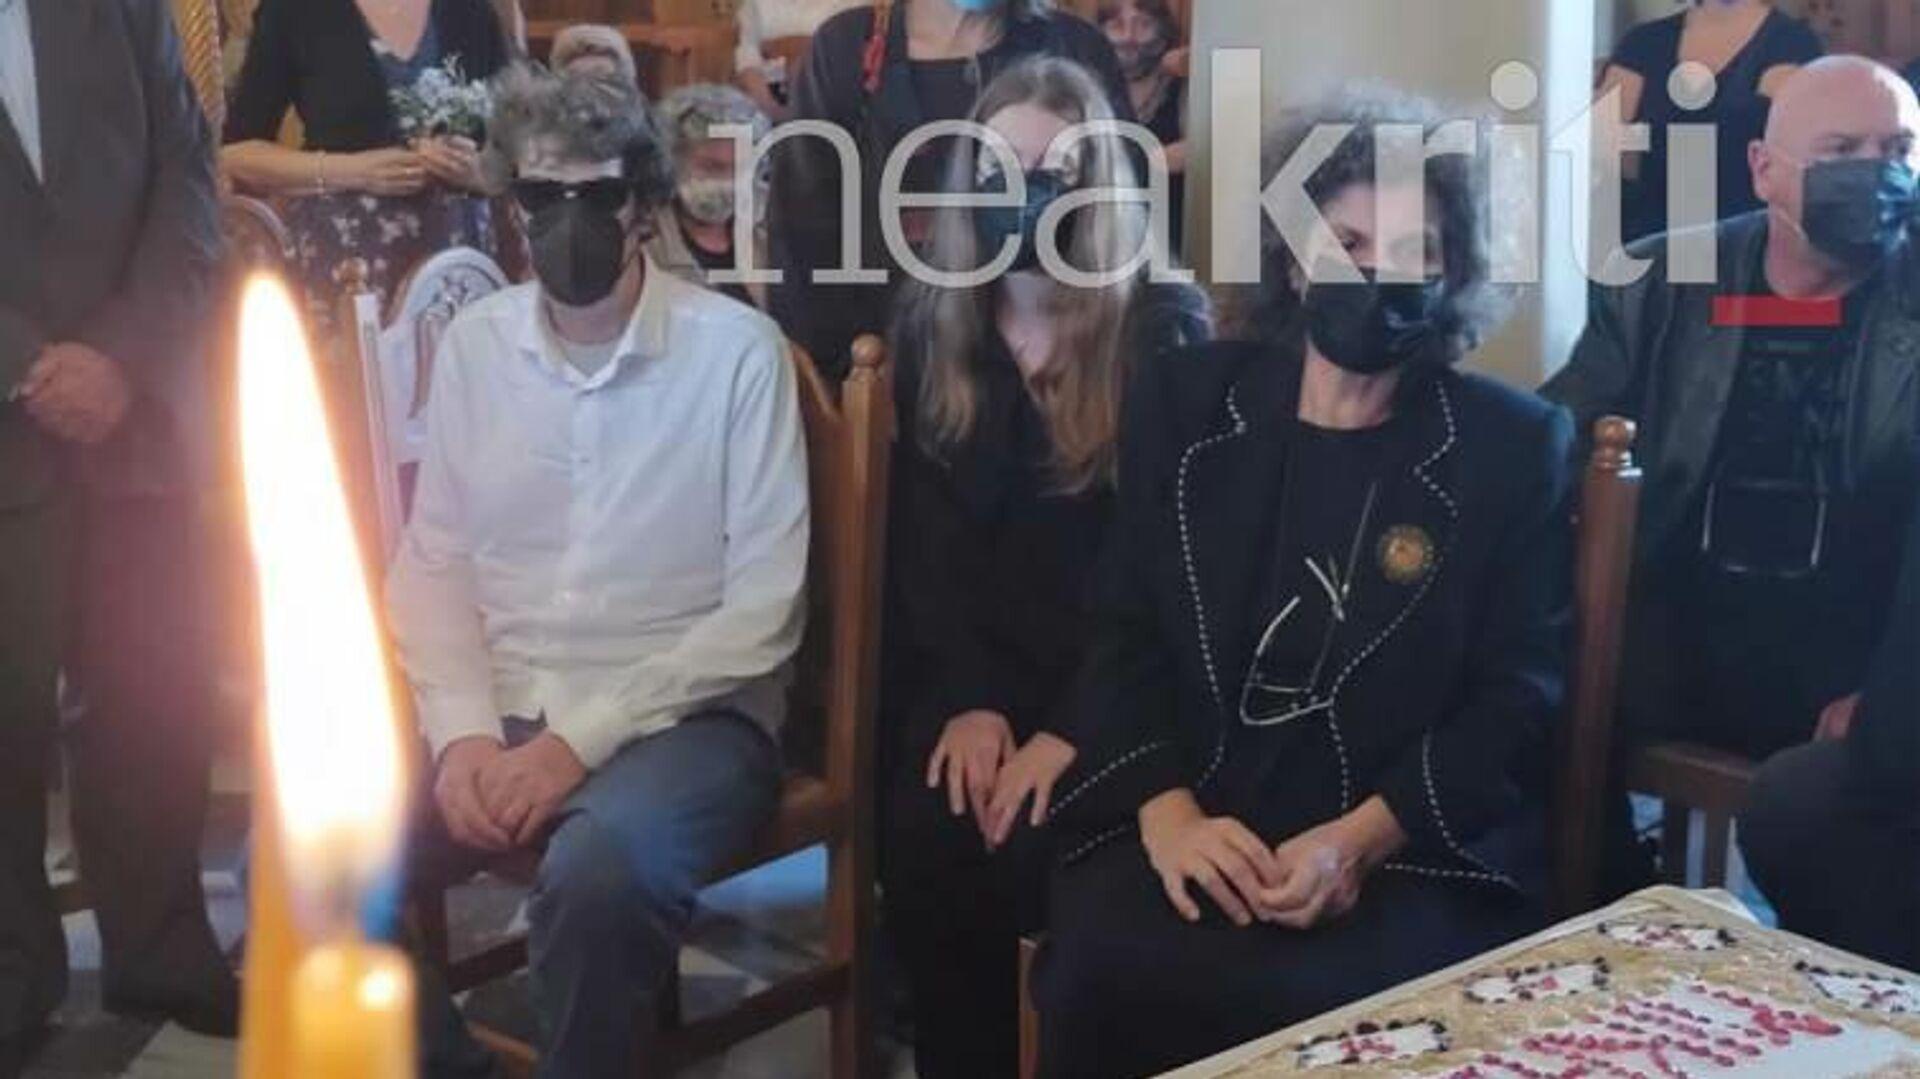 Μίκης Θεοδωράκης, μνημόσυνο - Sputnik Ελλάδα, 1920, 09.10.2021